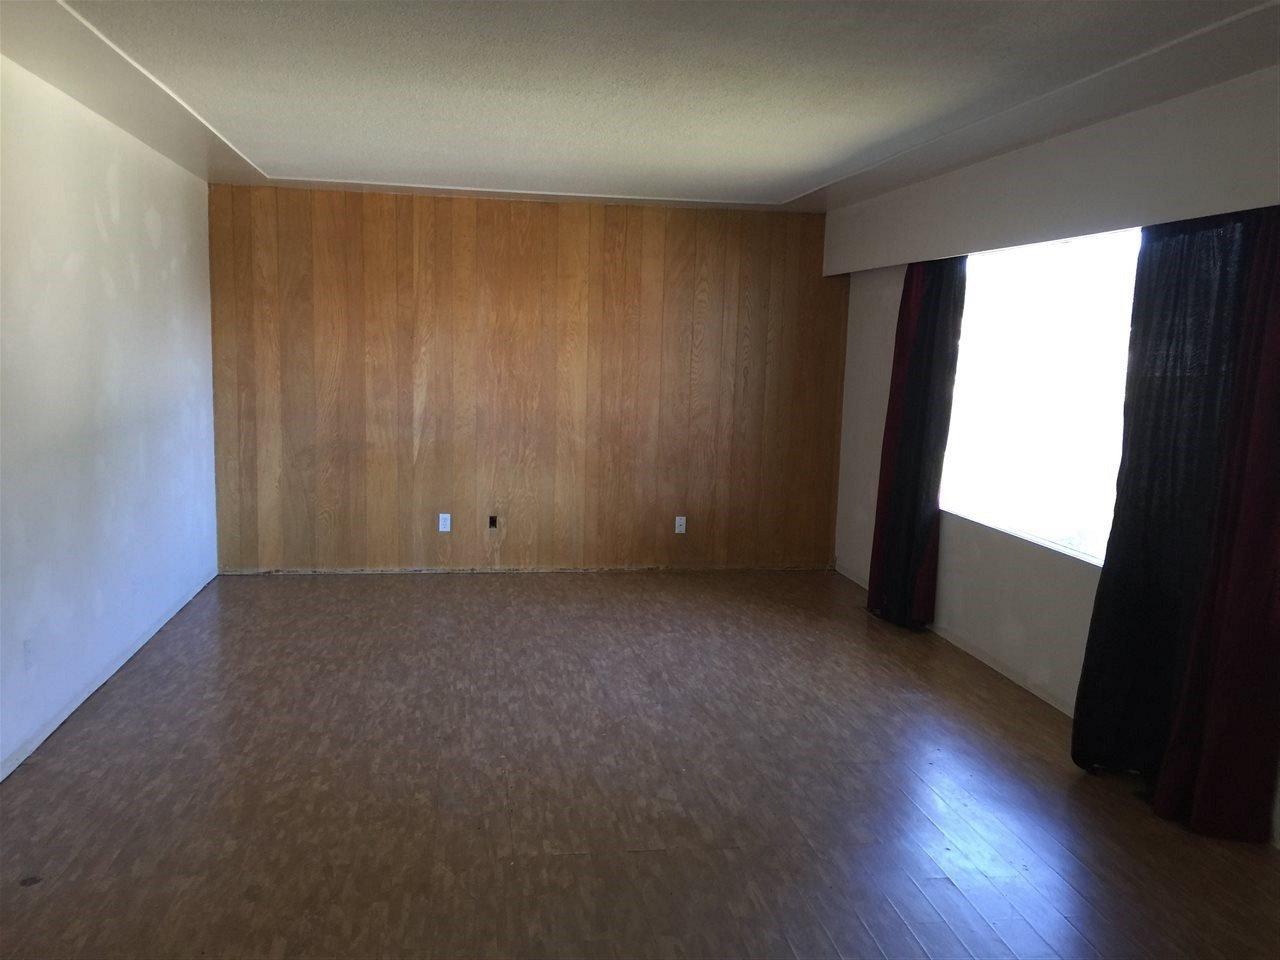 Photo 4: Photos: 9519 105 Avenue: Fort St. John - City NE House for sale (Fort St. John (Zone 60))  : MLS®# R2101318